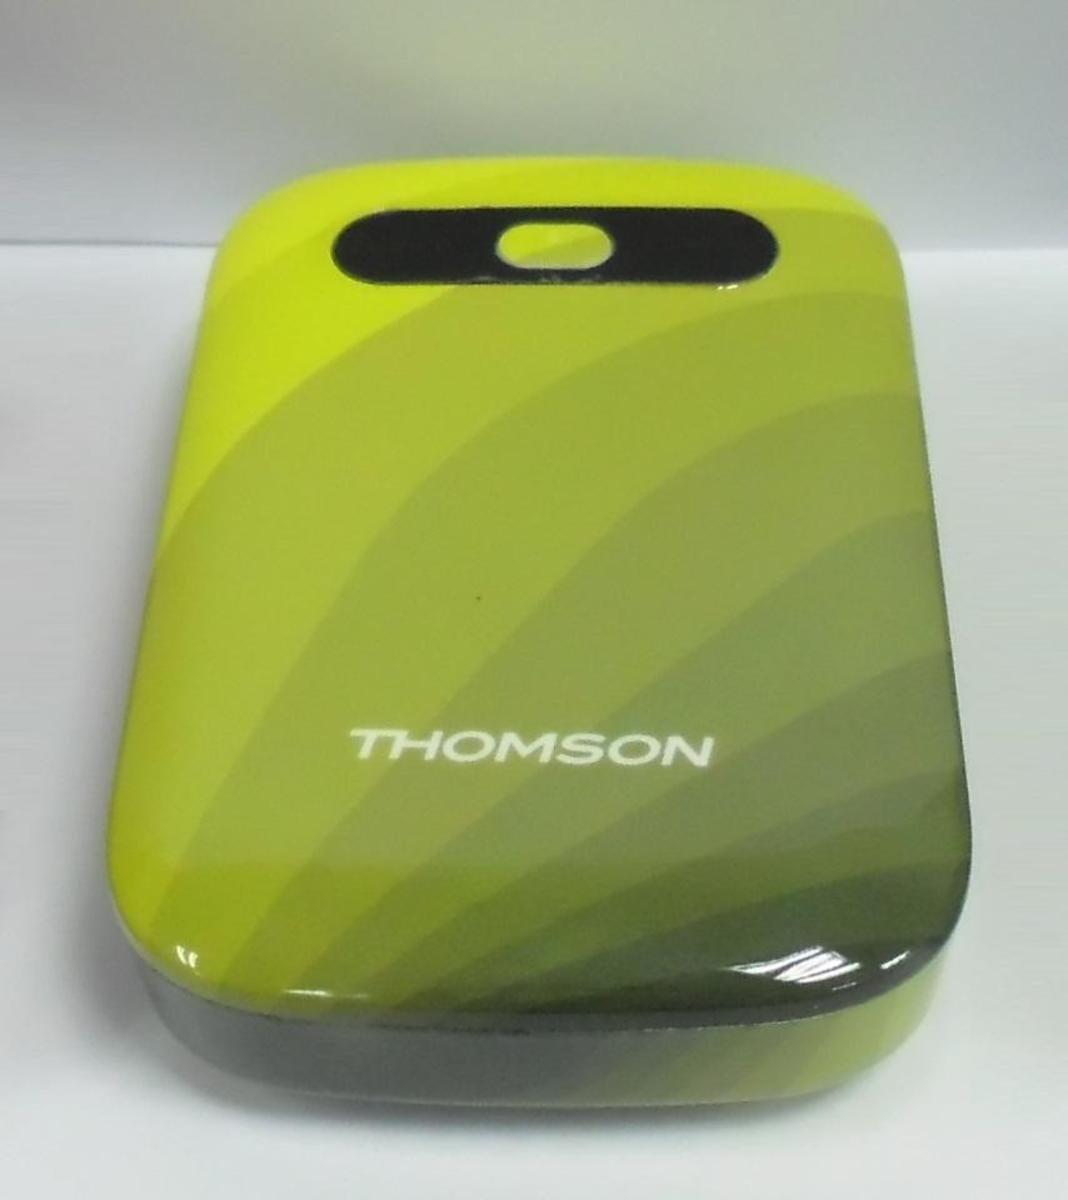 7800mAh 流動充電器, TH-TDP33008 黃色